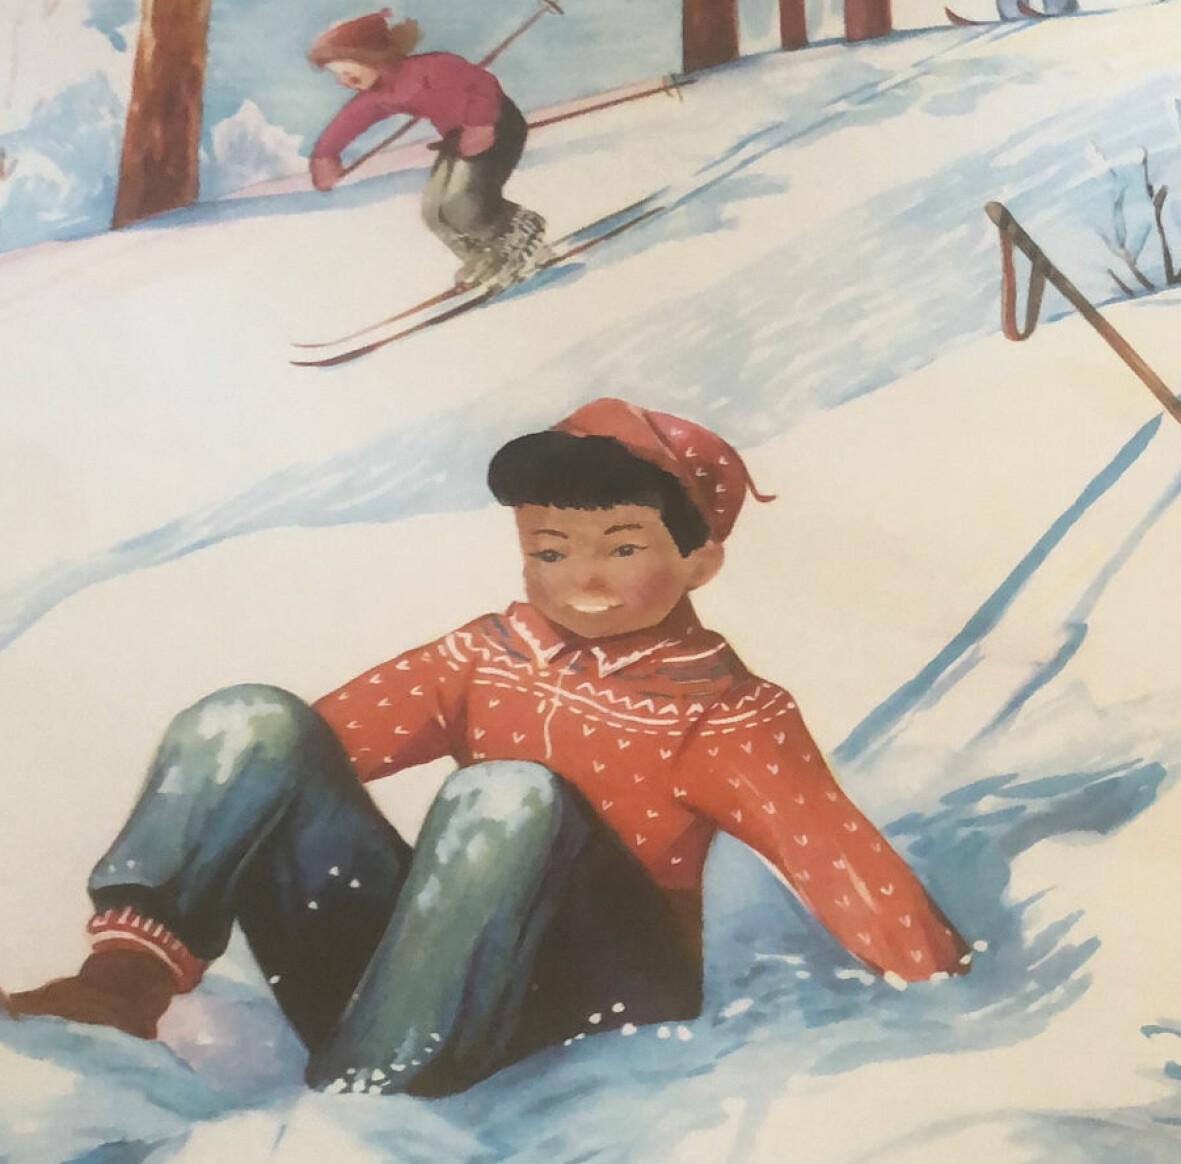 Ommålad kalenderbild. En pojke med brun hy har ramlat och sitter i en snöig backe. Bakom honom åker en flicka förbi på skidor.